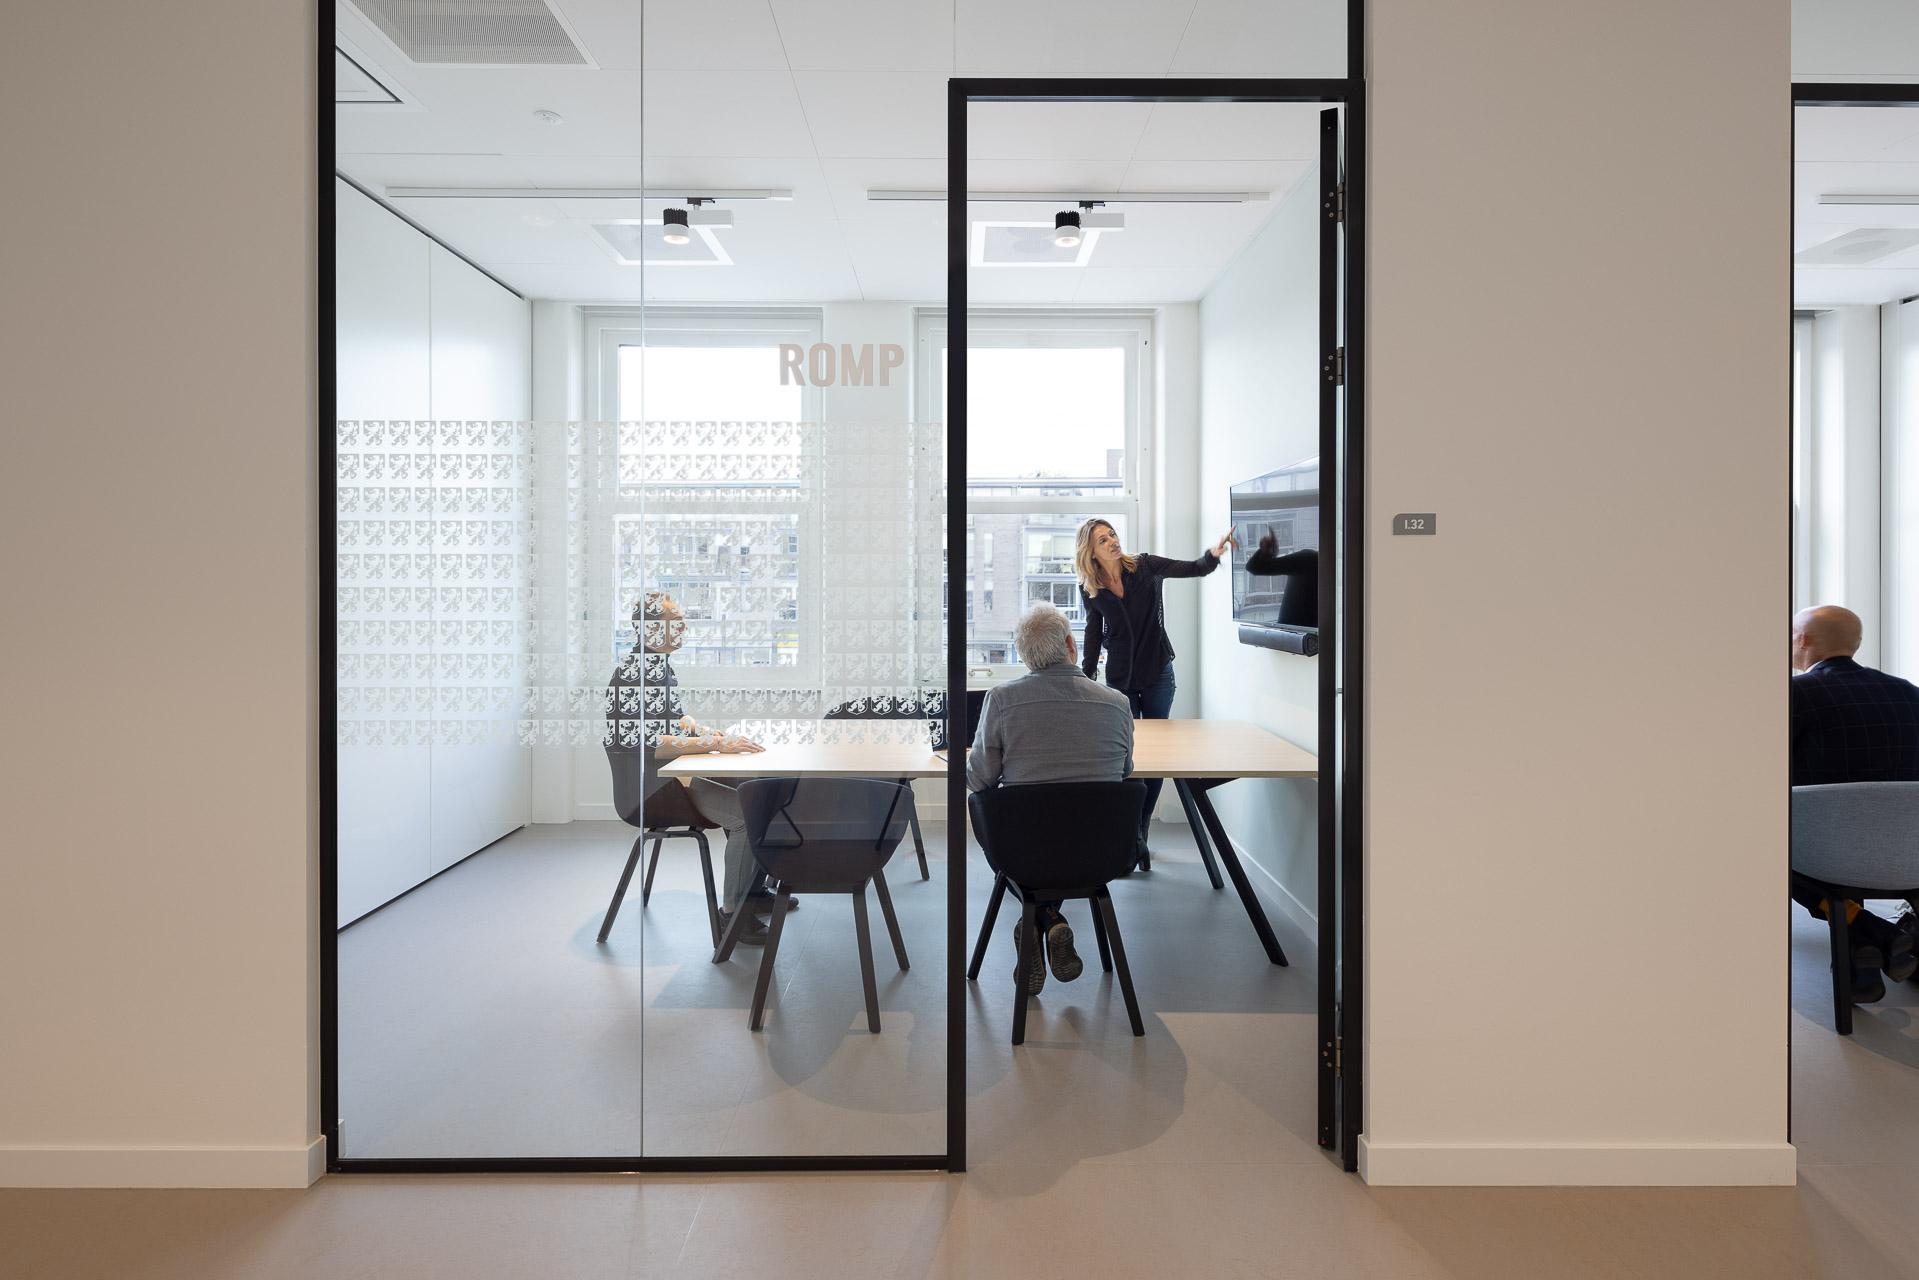 SP2020-Gemeentehuis-Alblasserdam-DP6-Architectuurfoto-interieurfoto-4